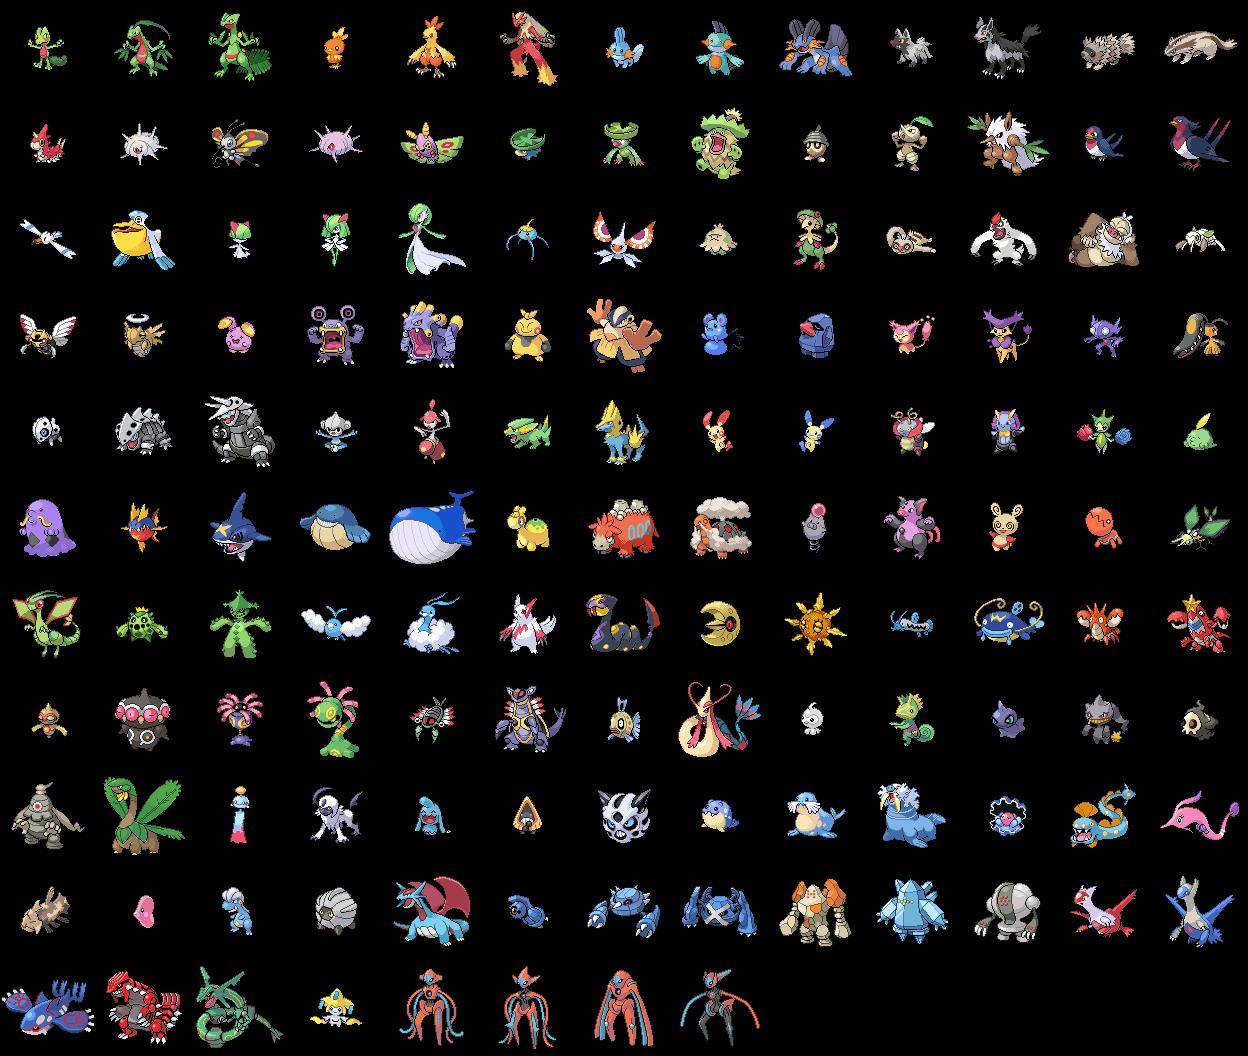 Покемоны второго поколения с картинками